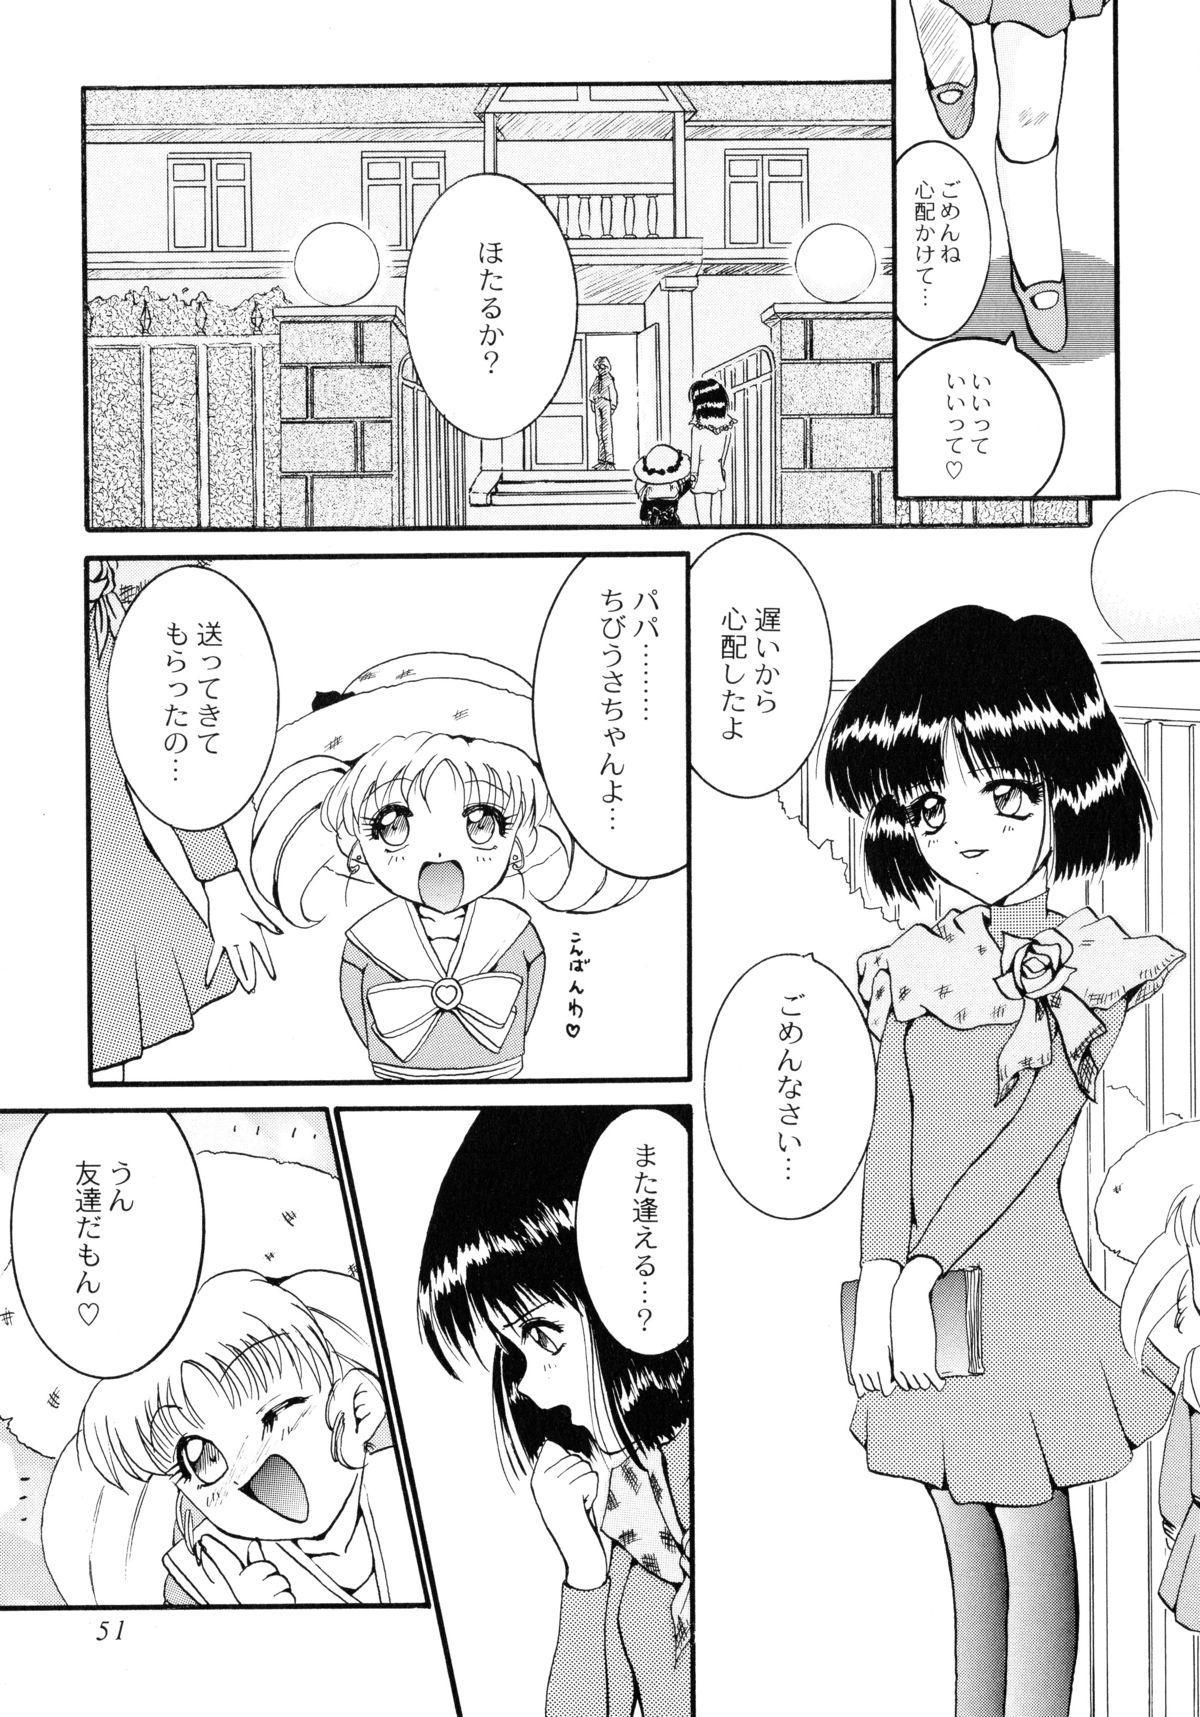 Seijo no Utage 52